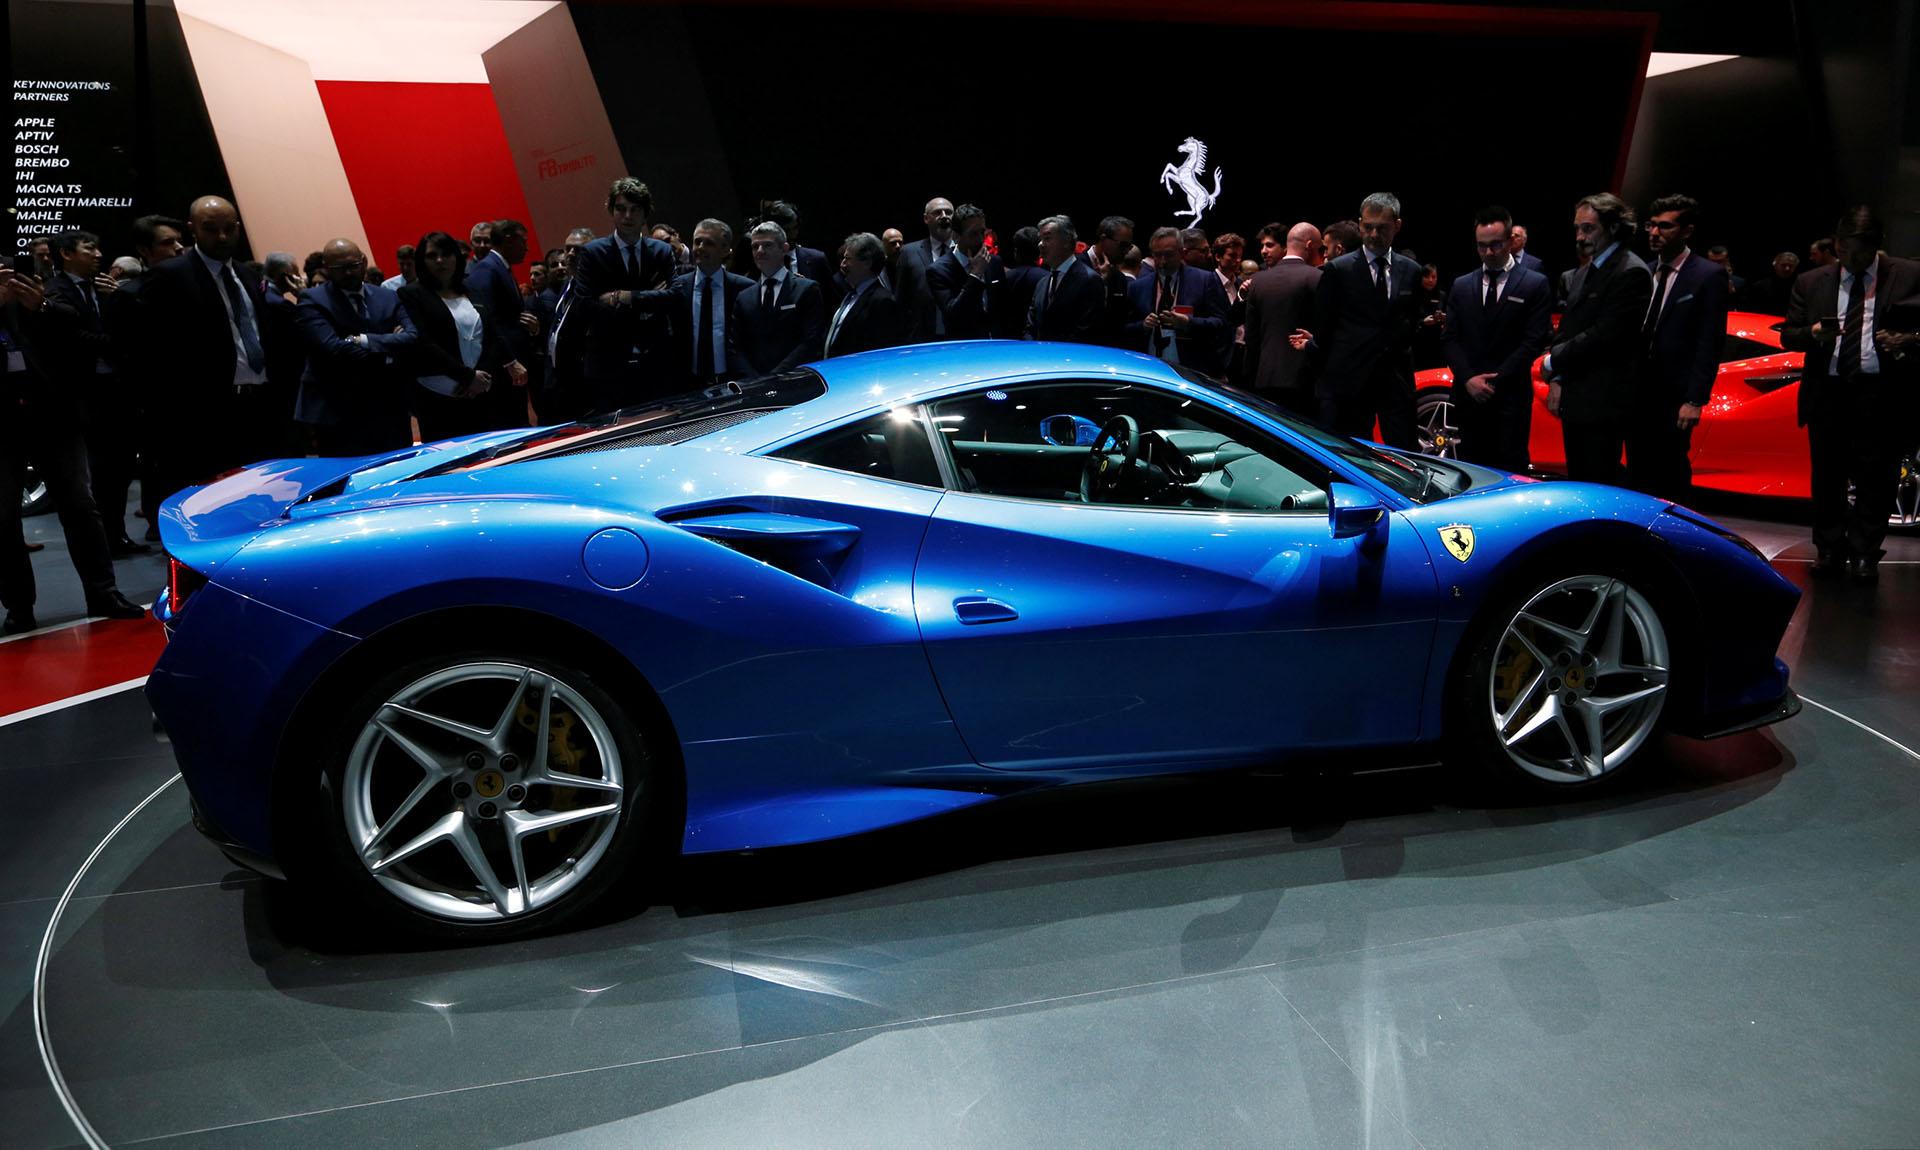 """La Ferrari F8 Tributo tiene unmotor V8 de serie más potente de la historia de Ferrari y ella le debe el nombre de """"Tributo"""", ya que el coche rinde homenaje a esta familia de propulsores"""